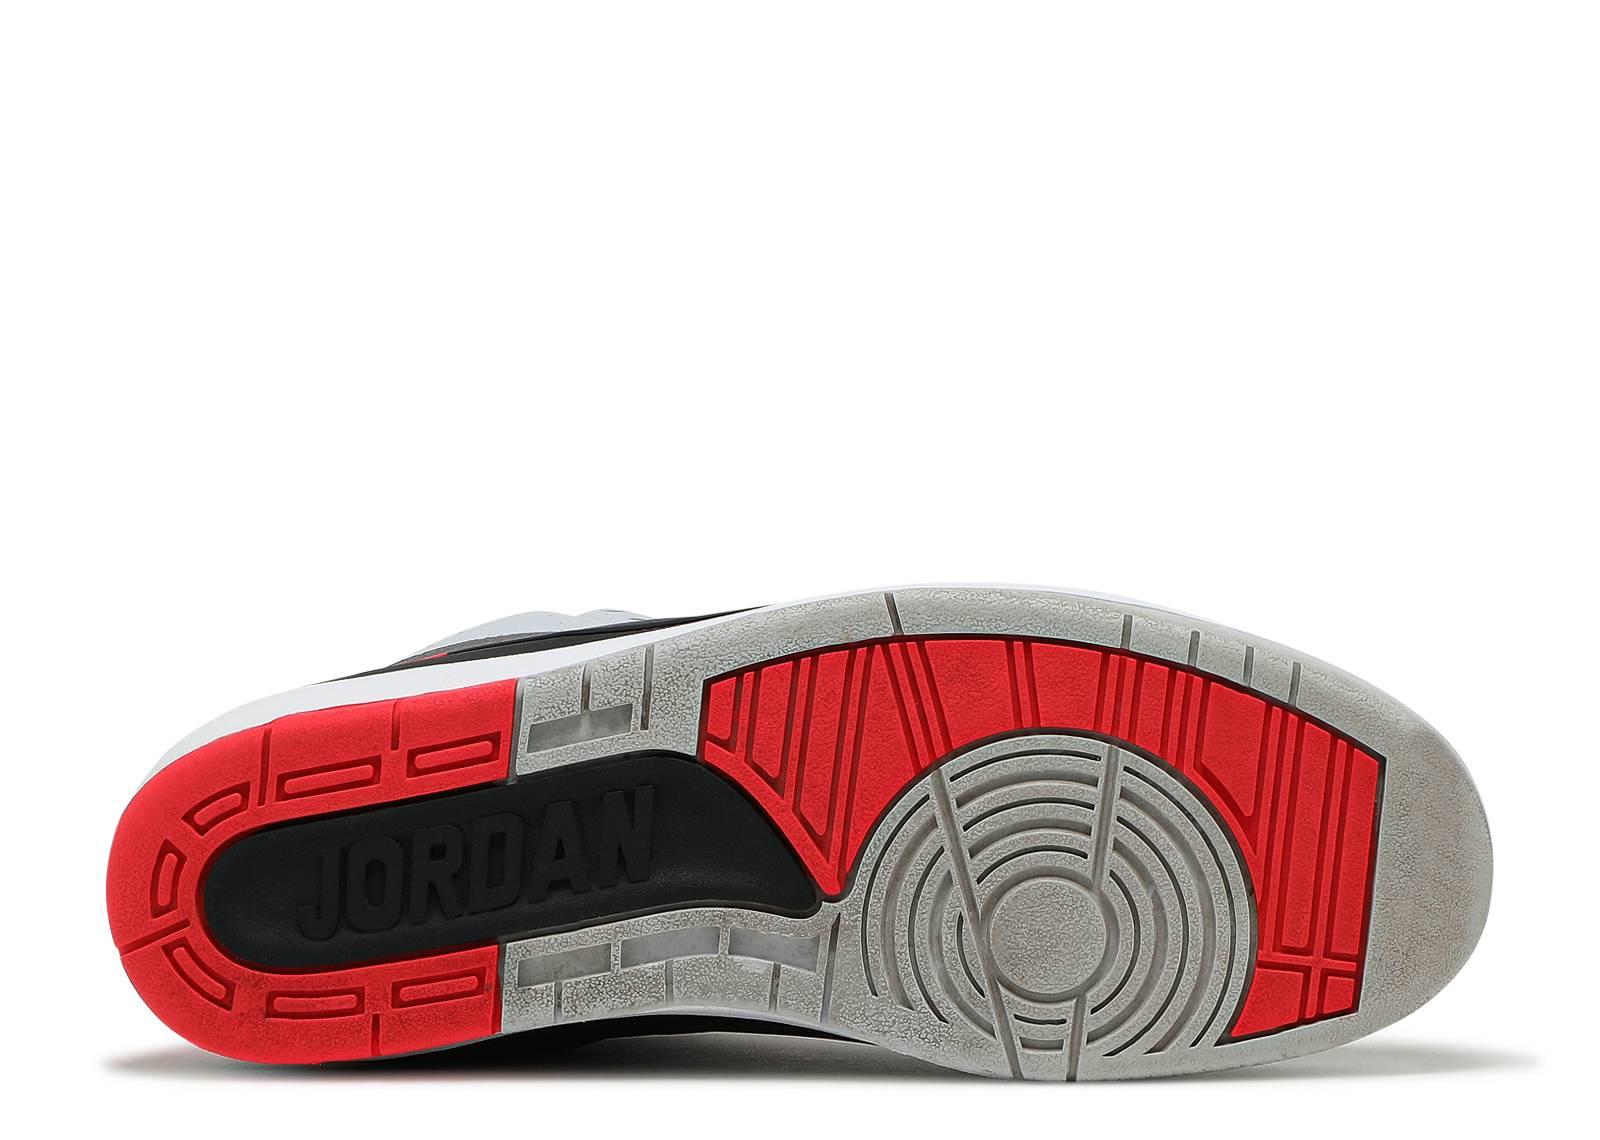 new product 0143c b5a28 Air Jordan 2 Retro